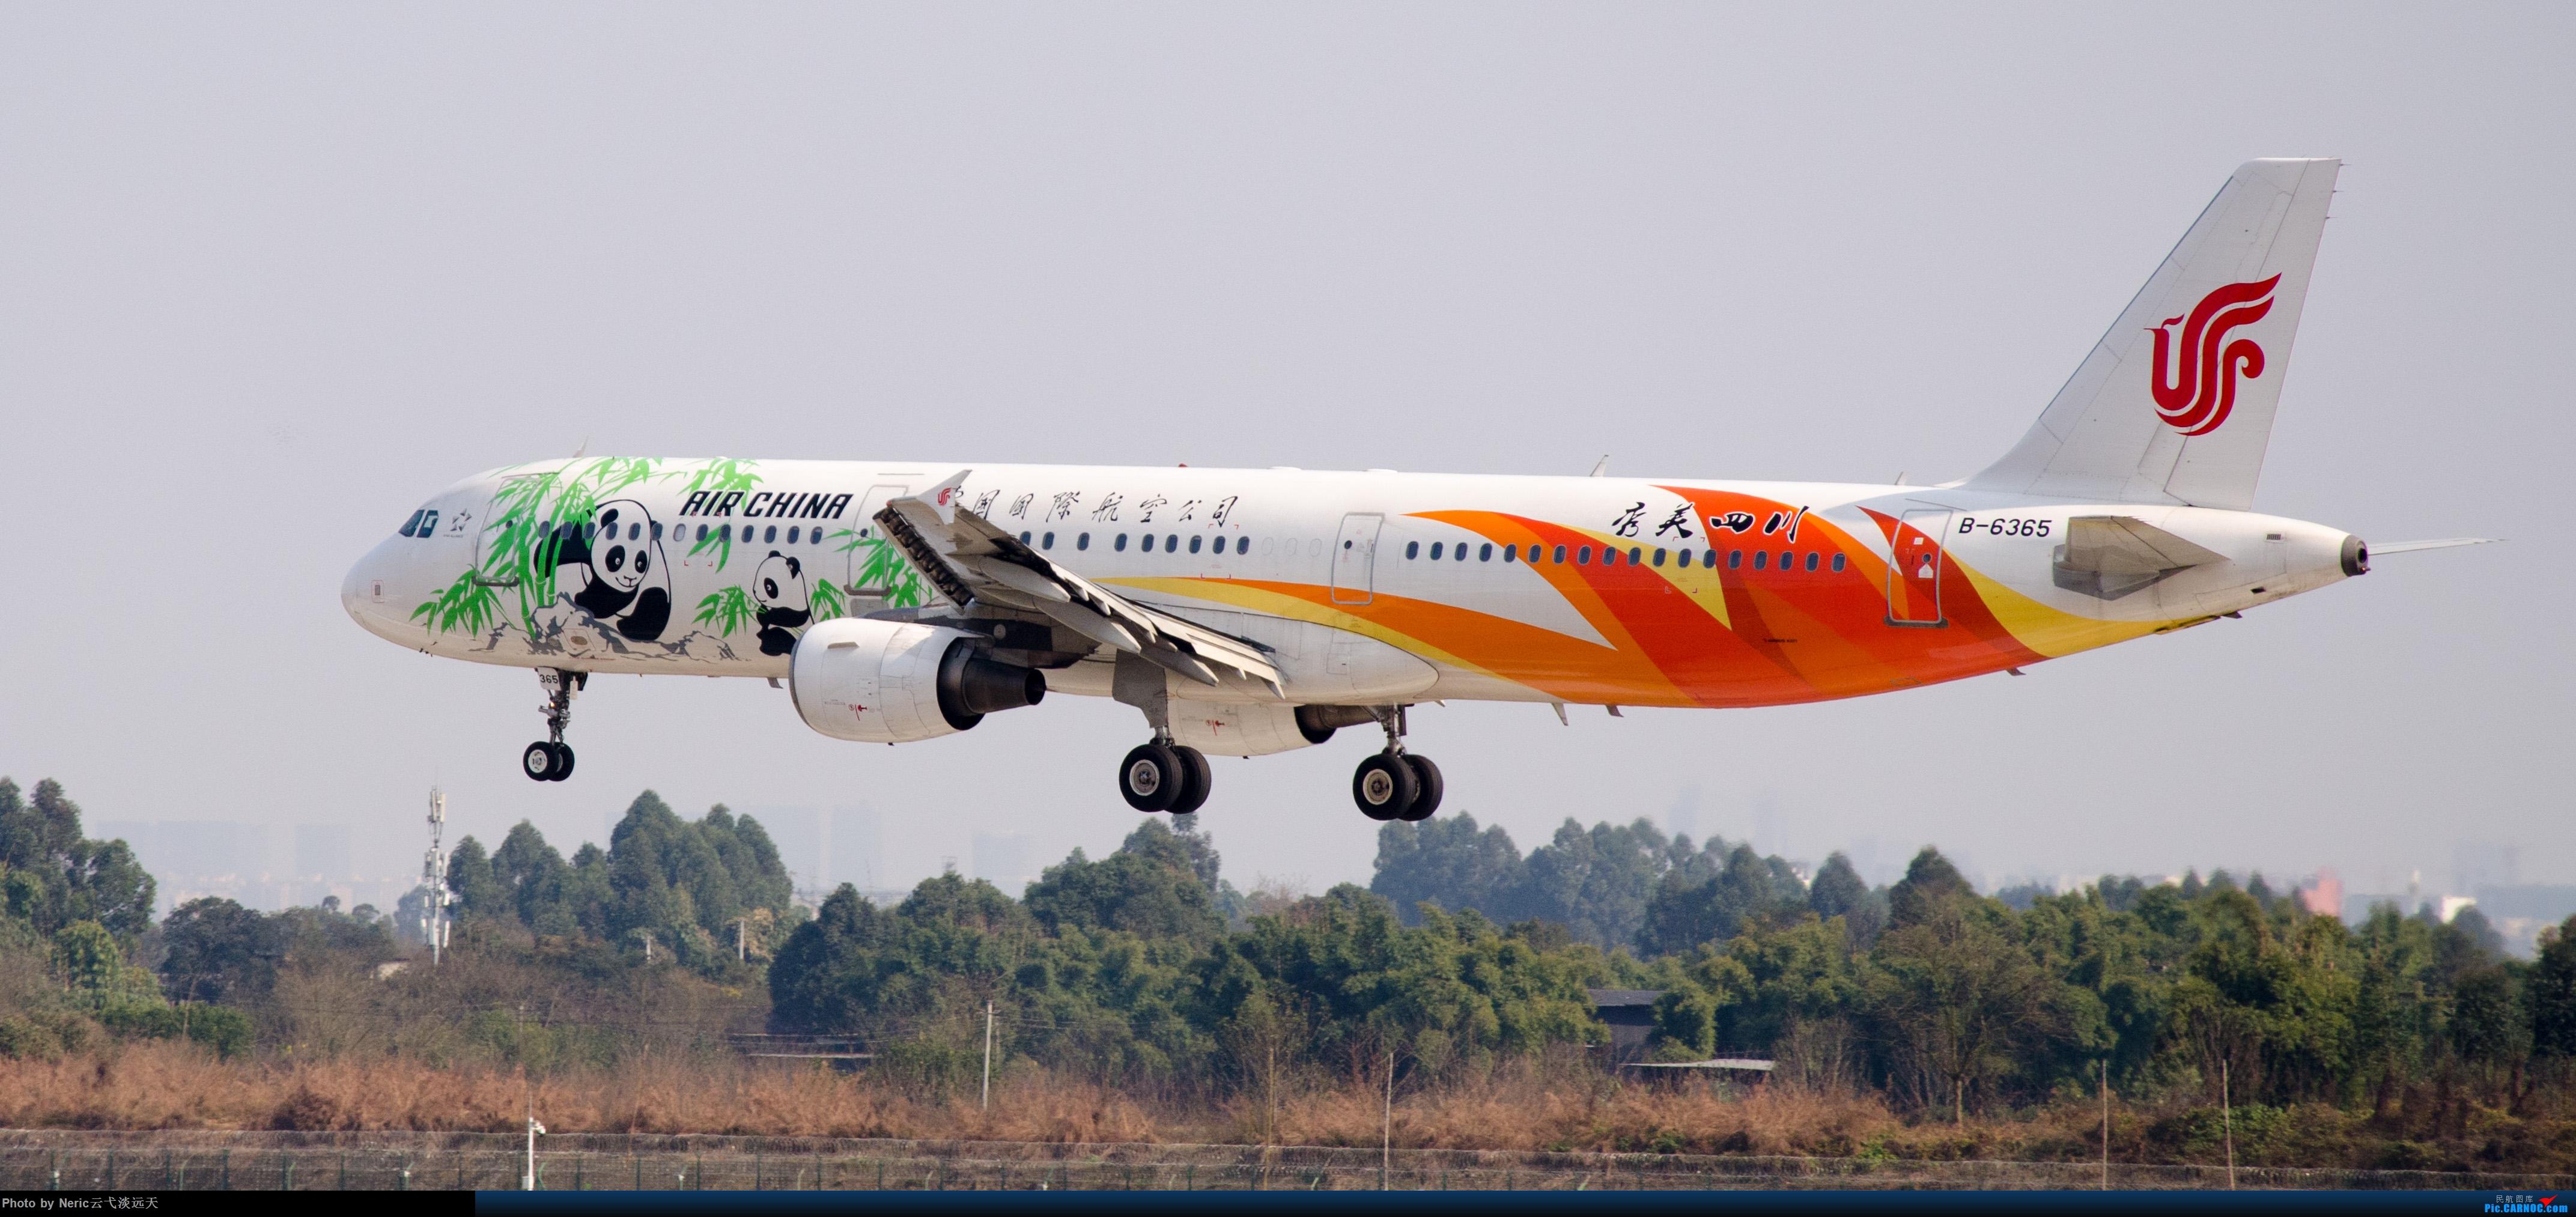 Re:[原创]双流机场日常拍机——国航秀美四川(本人很菜) AIRBUS A321-200 B-6365 中国成都双流国际机场